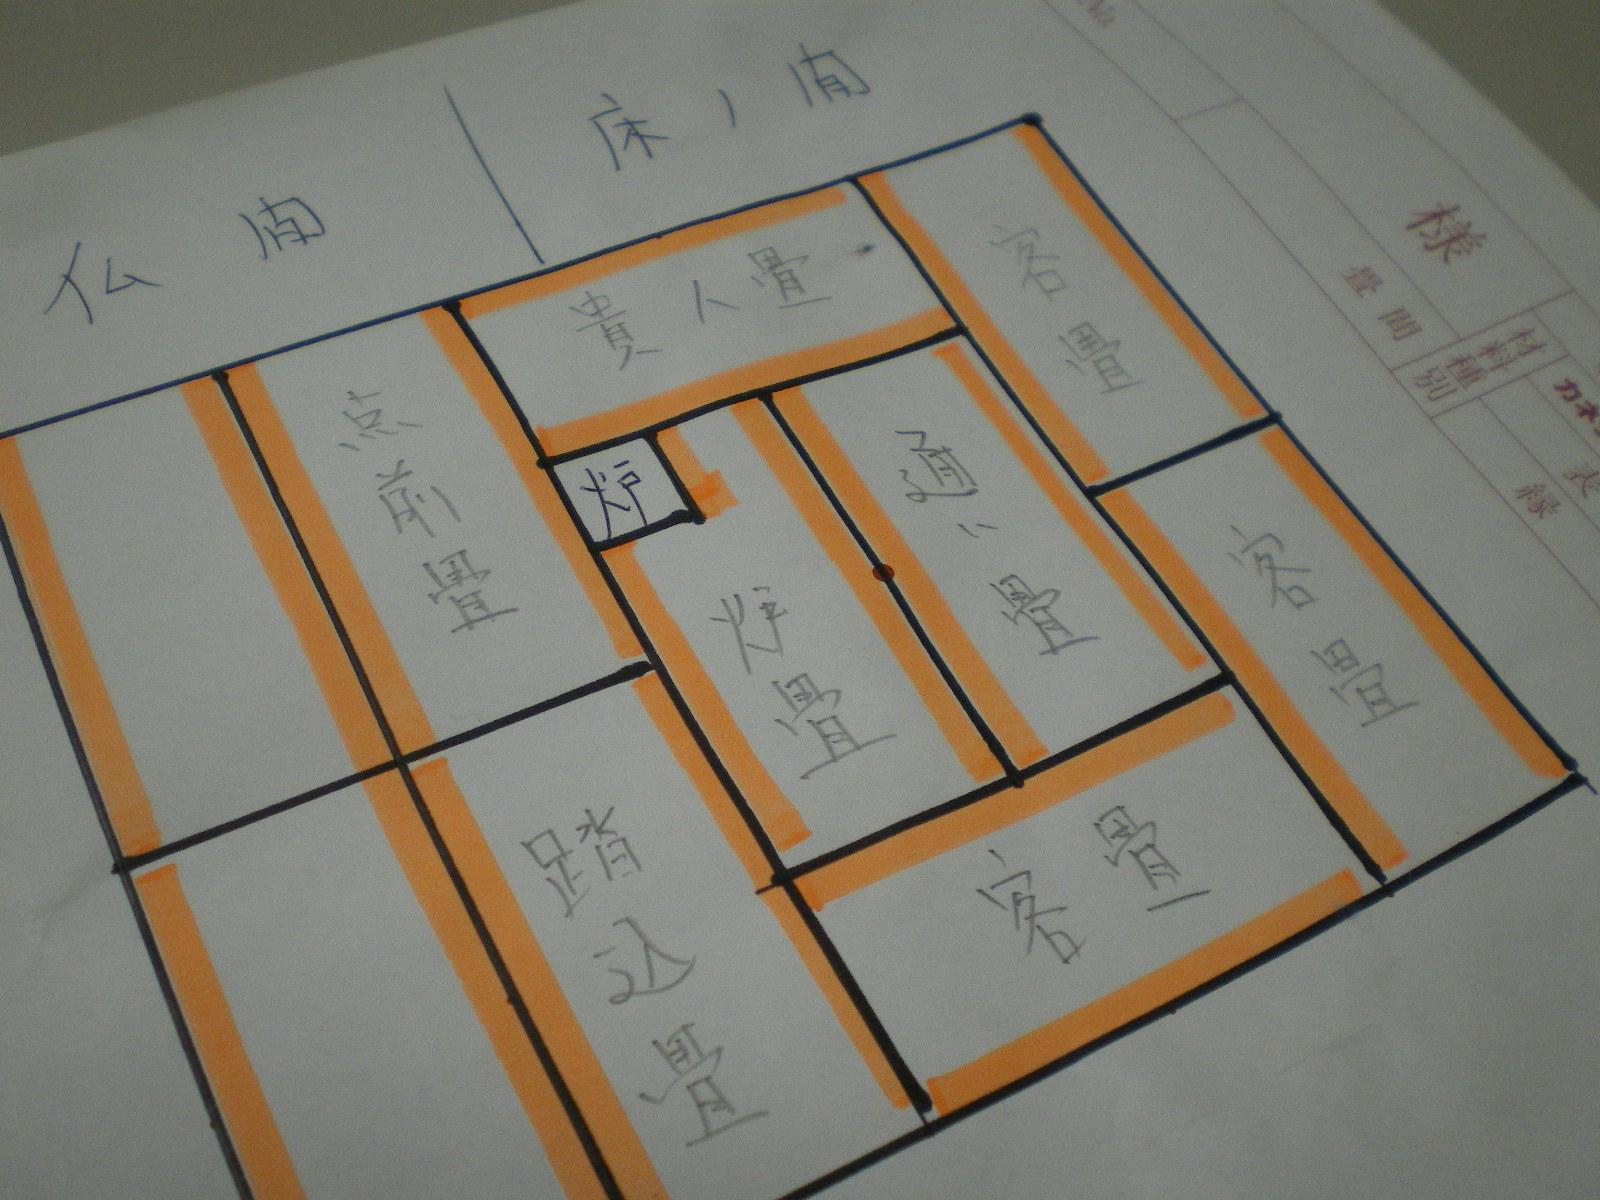 茶室新畳設計図